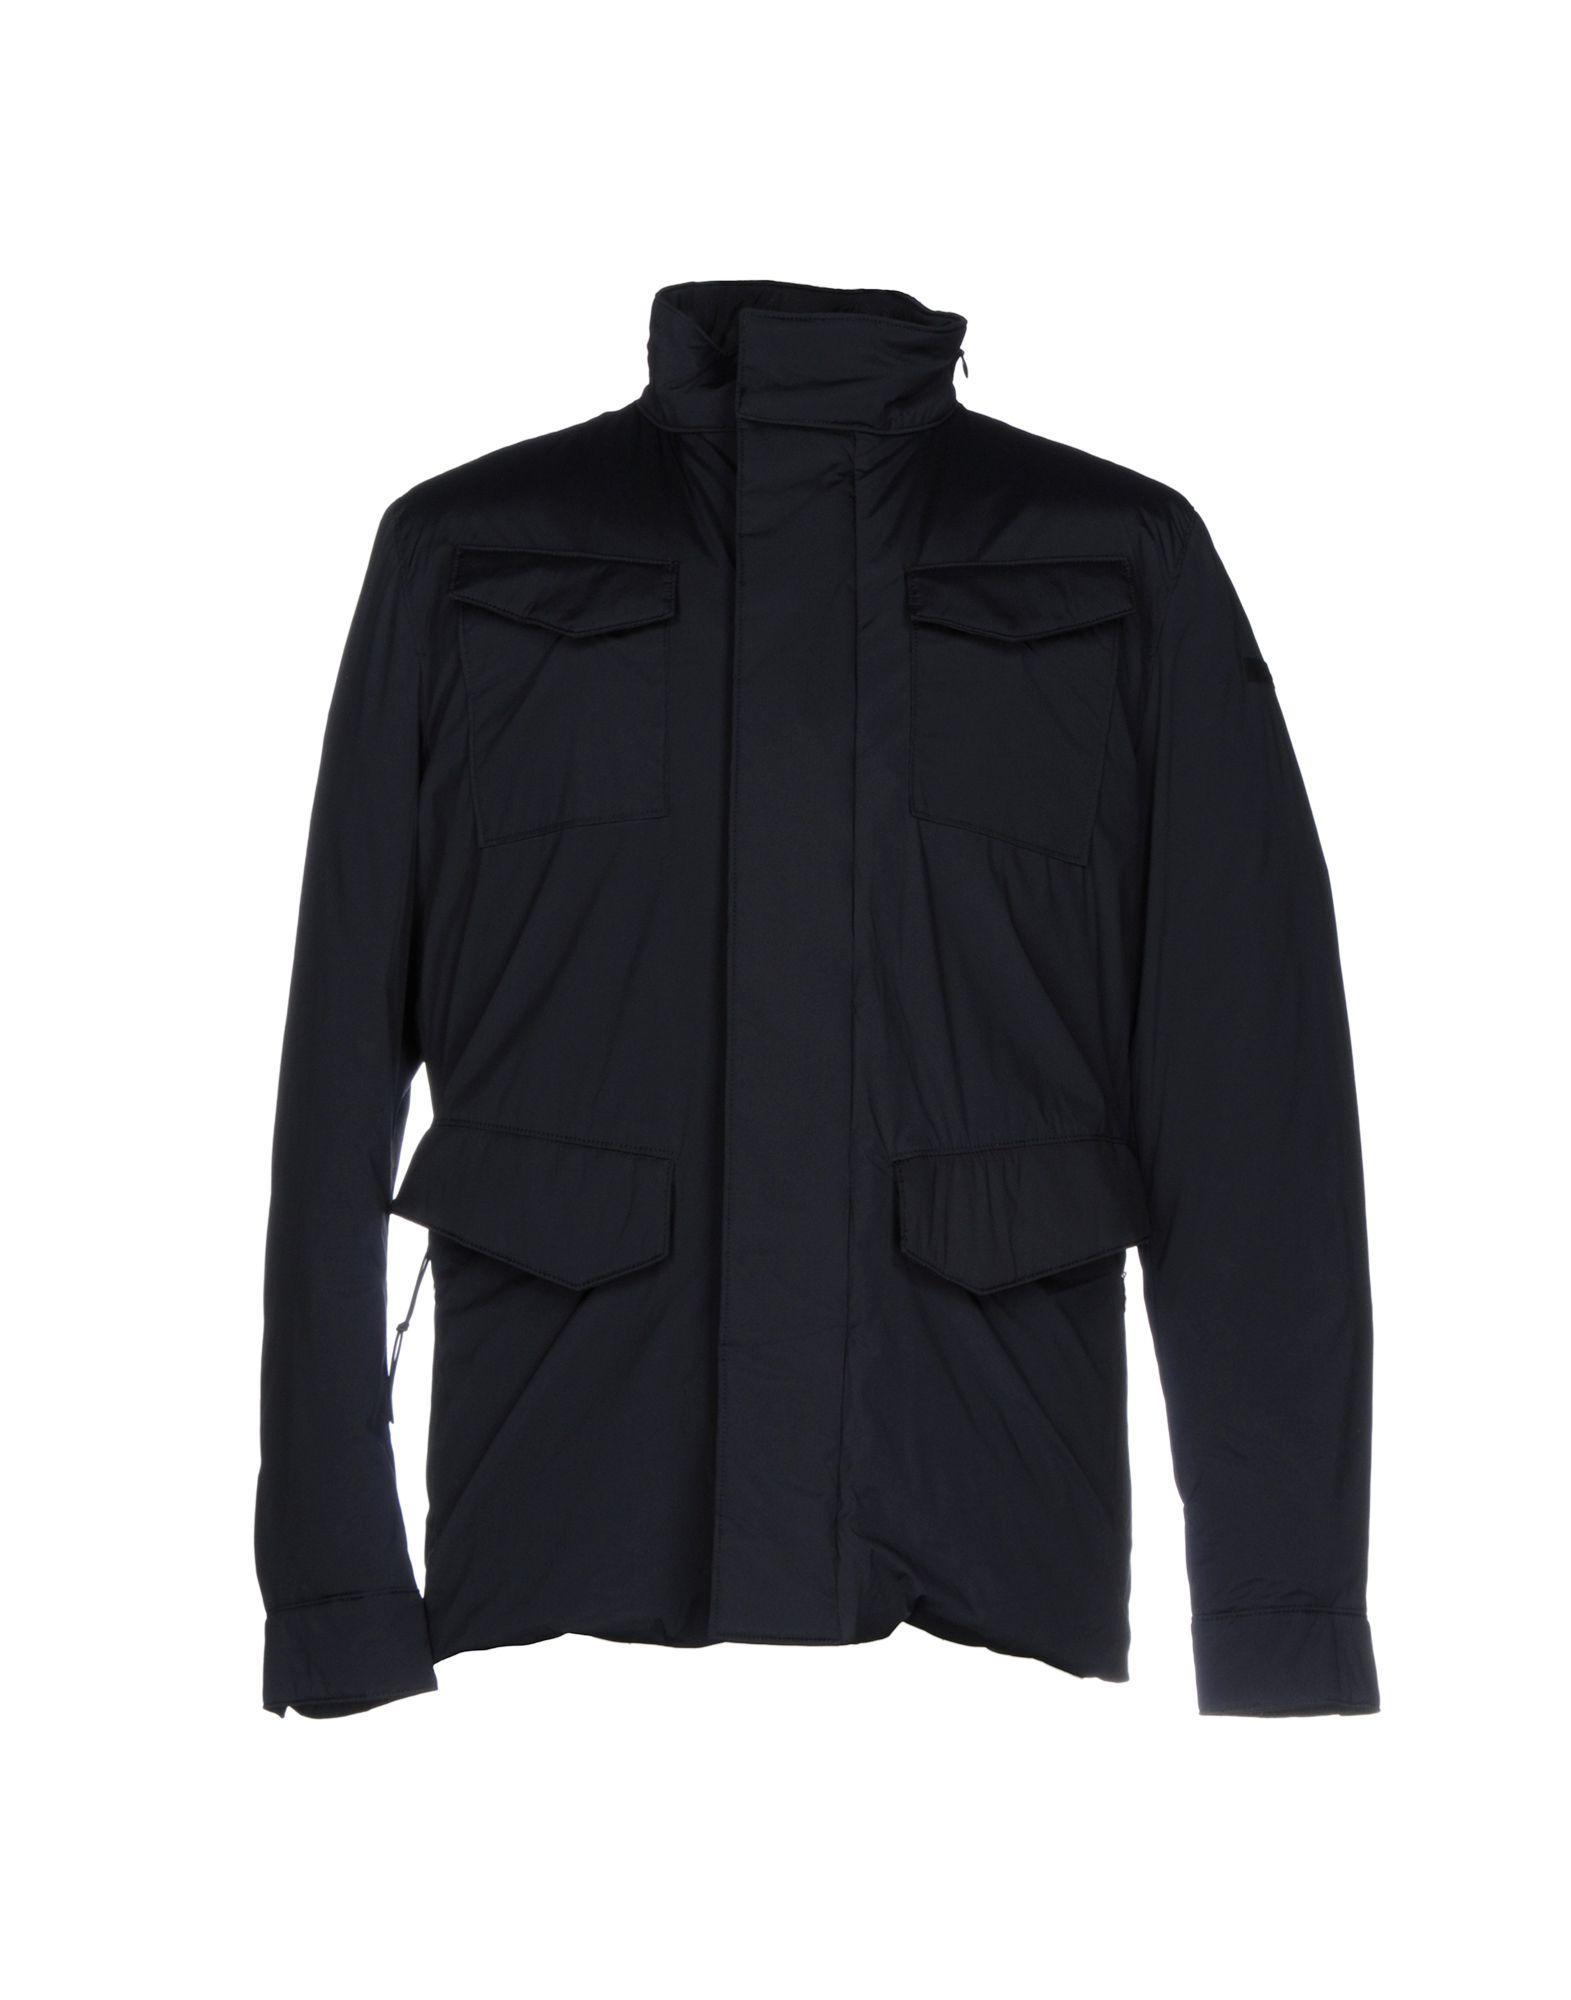 Rrd Down Jacket In Black